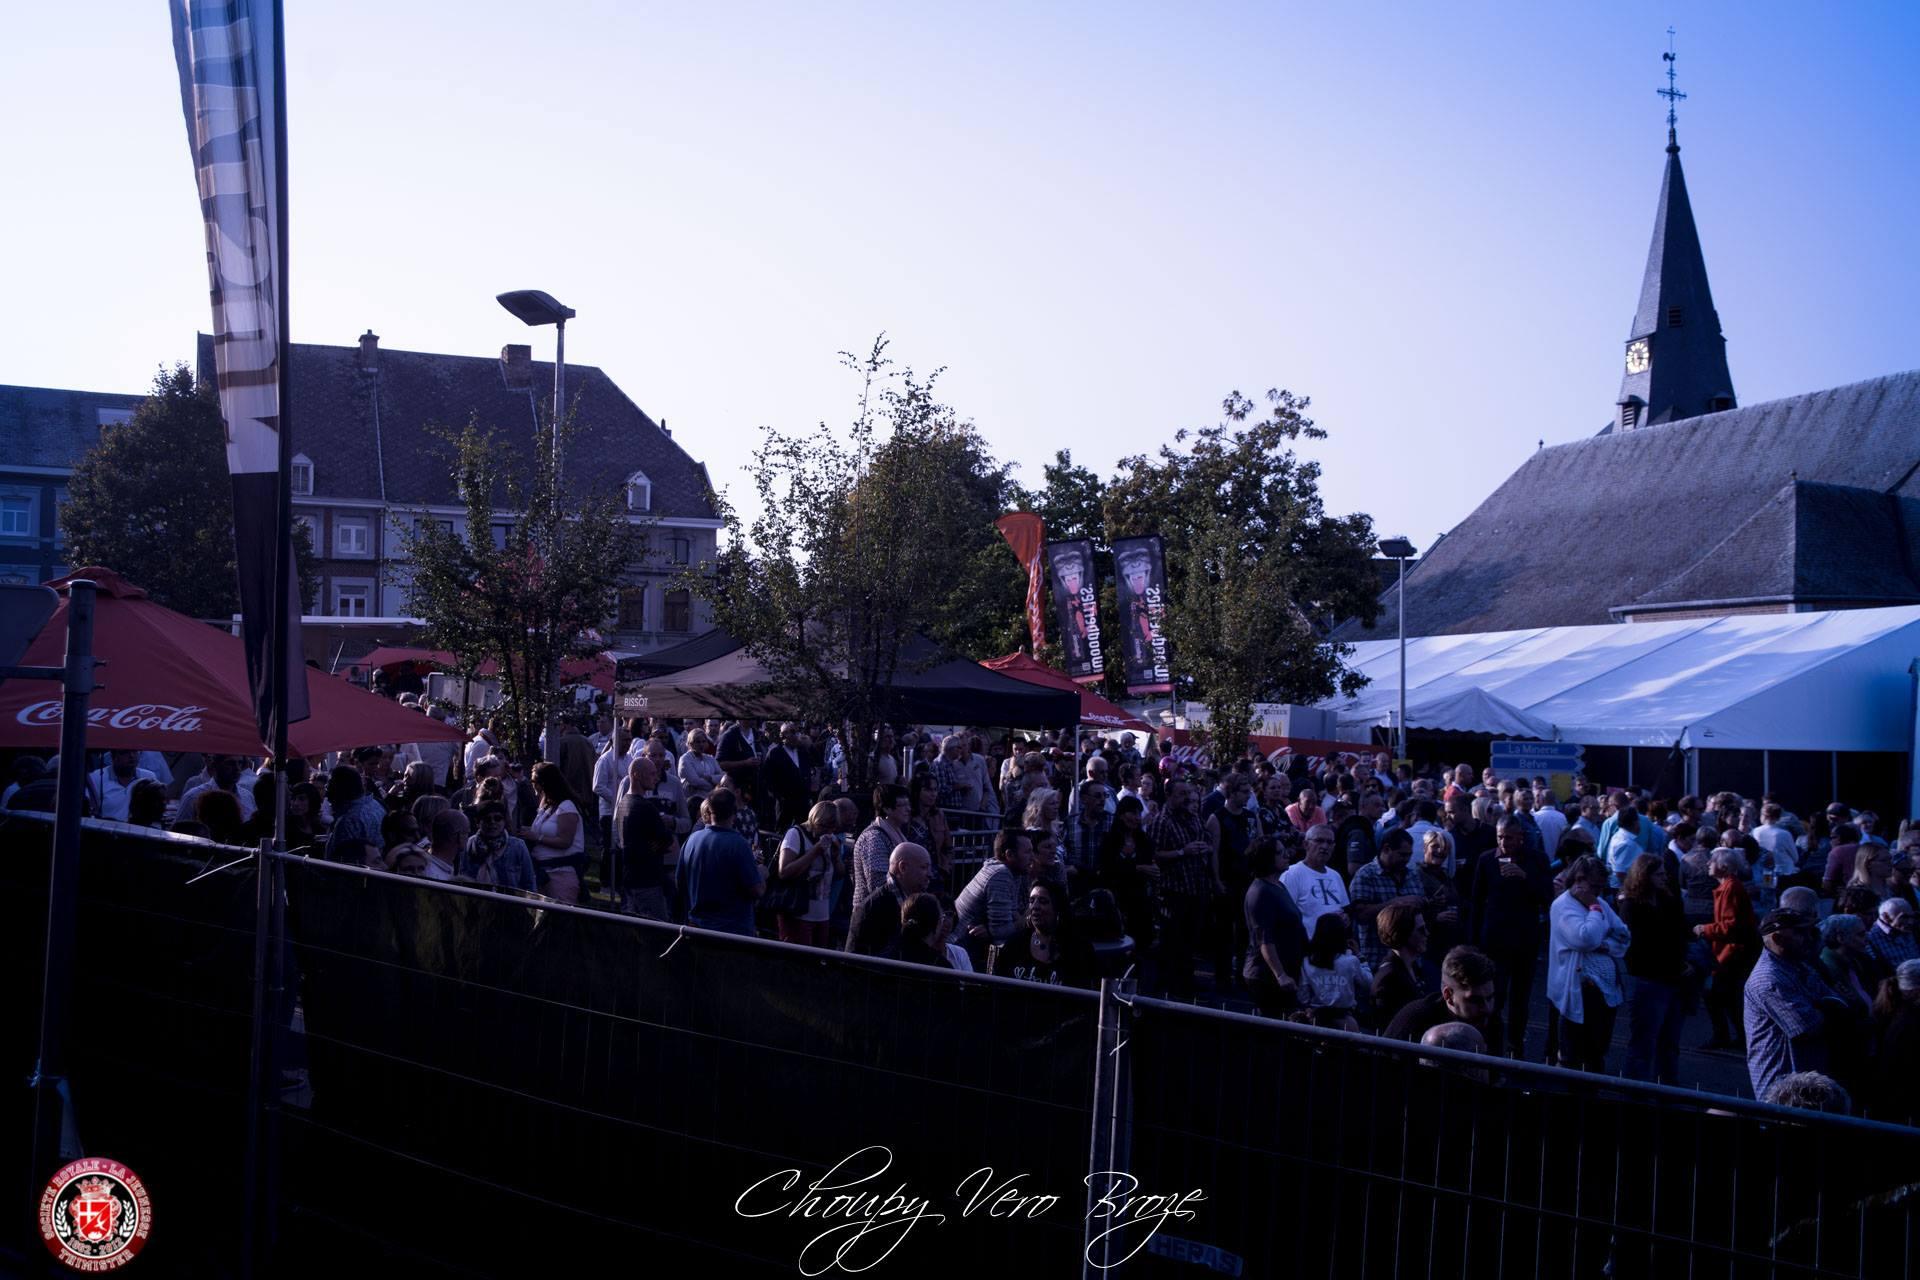 thimister-en-fete-2017-choupy-vero-broze-sebastian-for-elvis-33